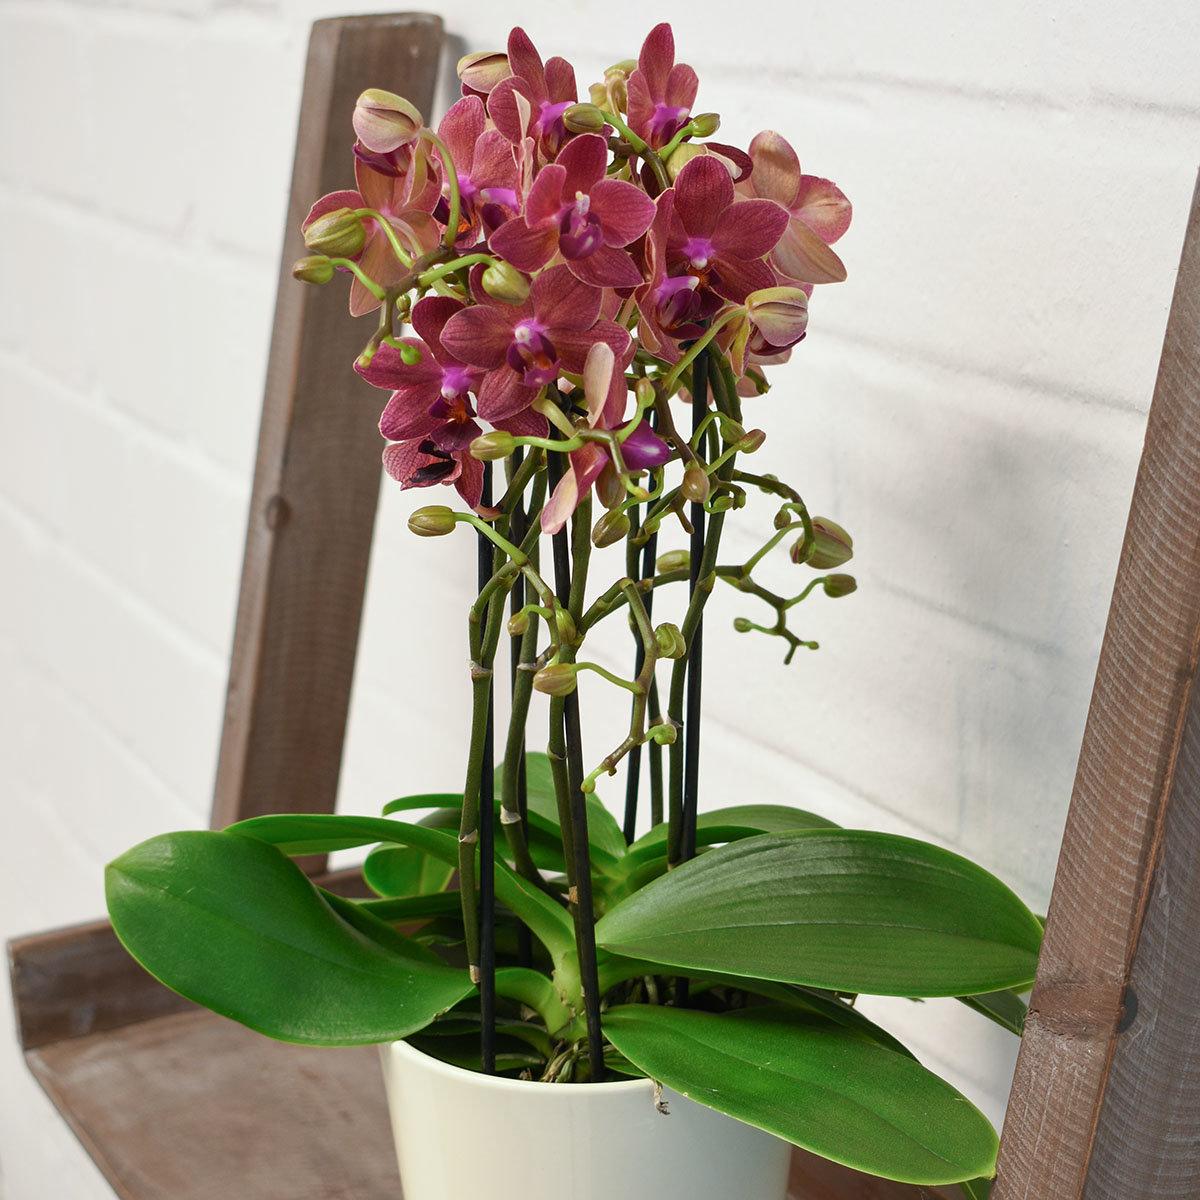 schmetterlings orchidee sunset inklusive ber und wasserspeichertopf online kaufen bei g rtner. Black Bedroom Furniture Sets. Home Design Ideas